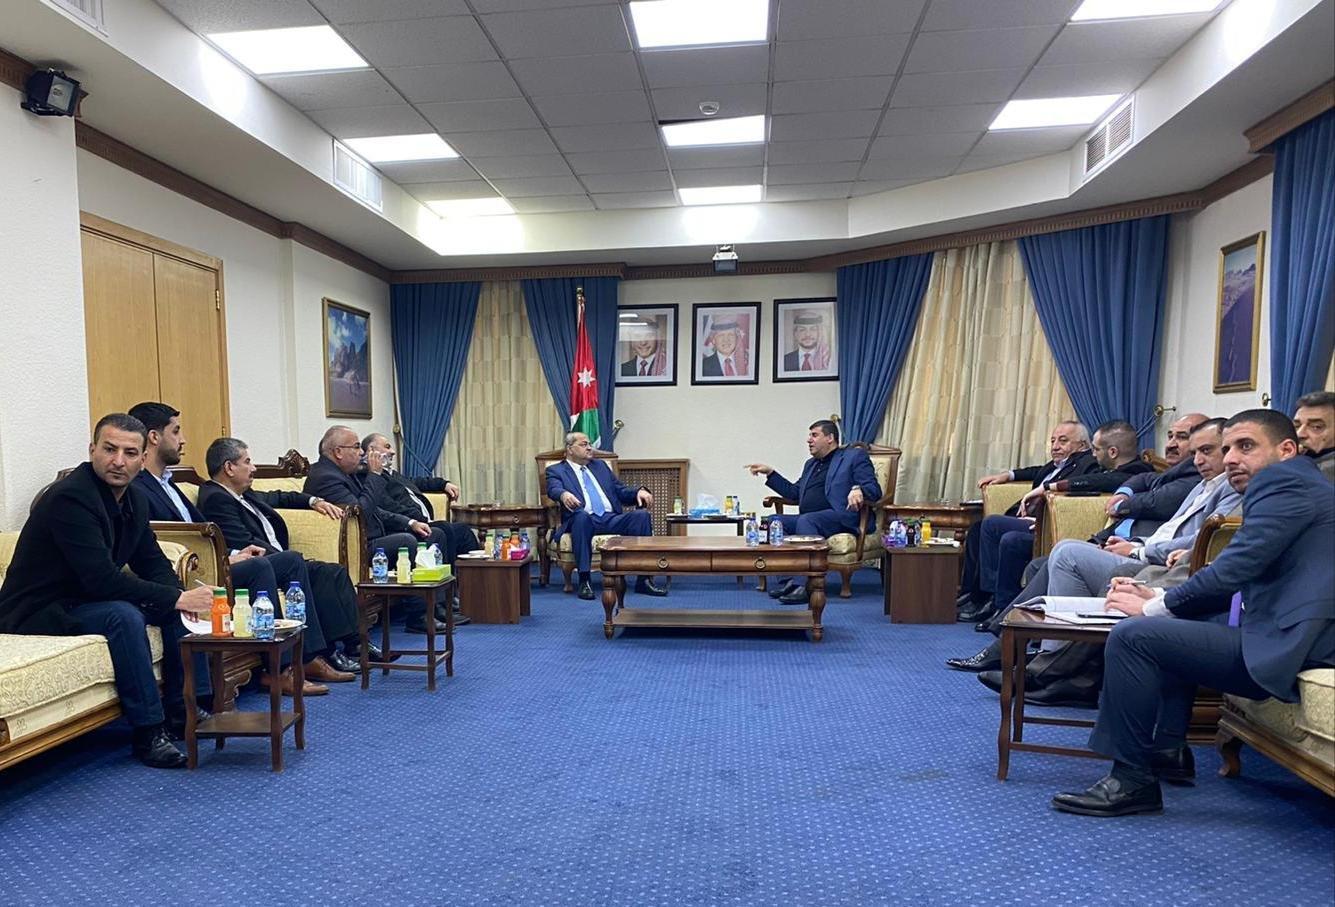 نواب لجنة القدس في المشتركة يطرحون قضايا الداخل والقدس خلال اجتماعهم بالبرلمان الأردني-5